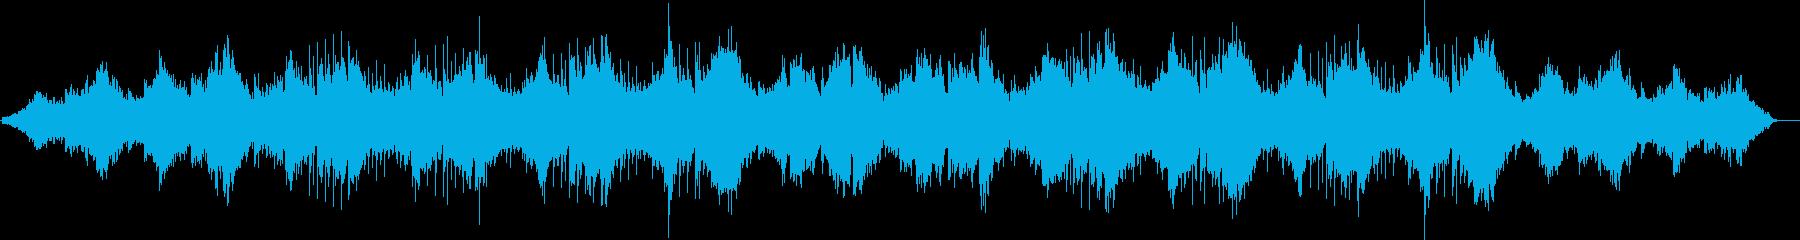 現代的 交響曲 アンビエント 広い...の再生済みの波形